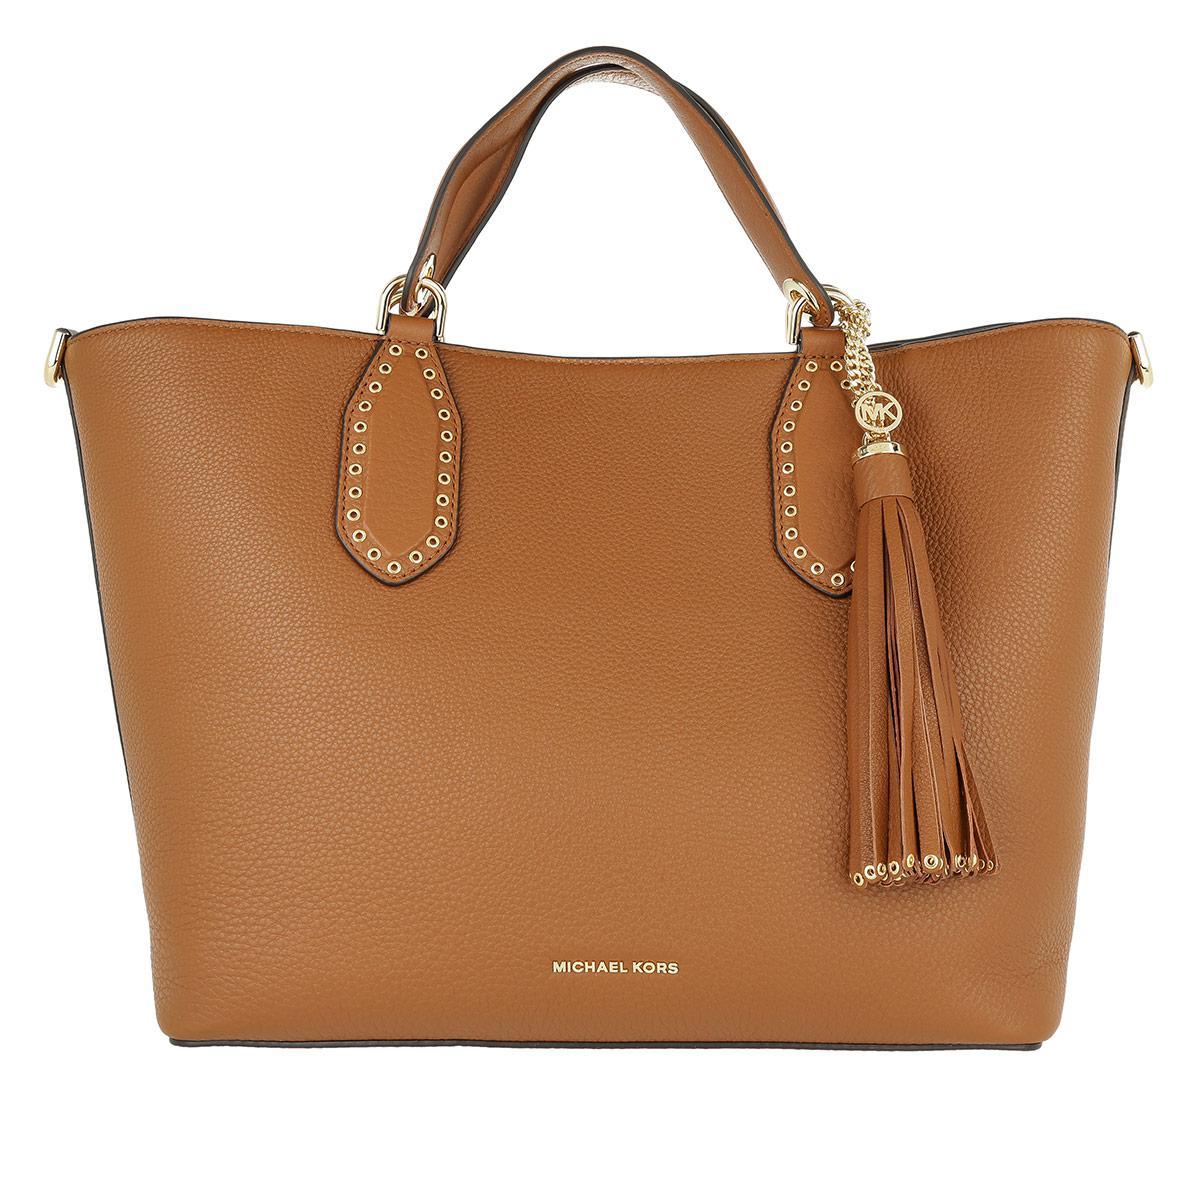 2dda75ef5a6a Michael Kors Brooklyn Large Grab Bag Luggage in Brown - Lyst